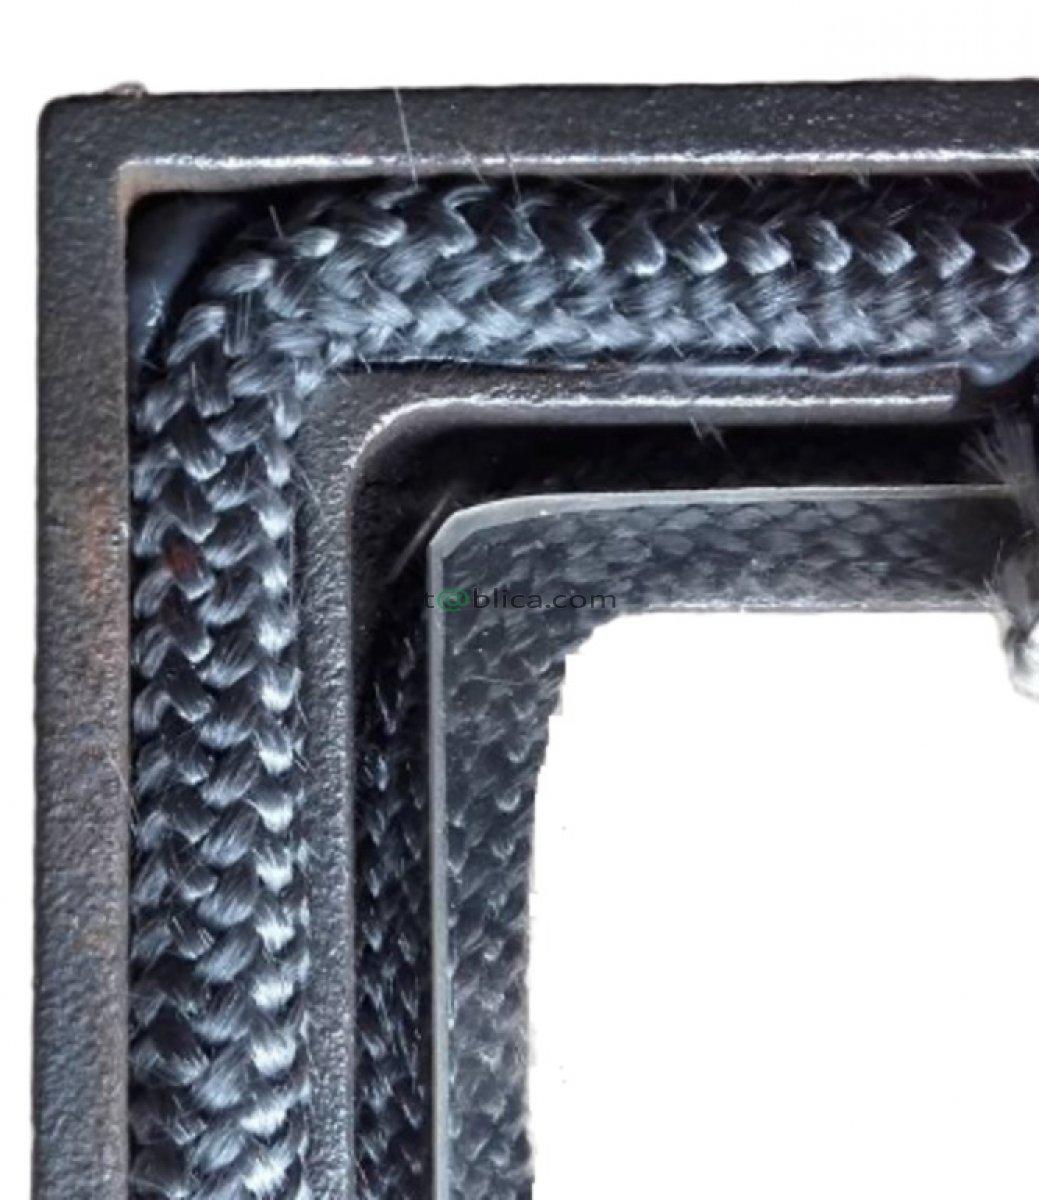 ZESTAW NAPRAWCZY DO KOMINKA SZNUR SZKLANY 6mm